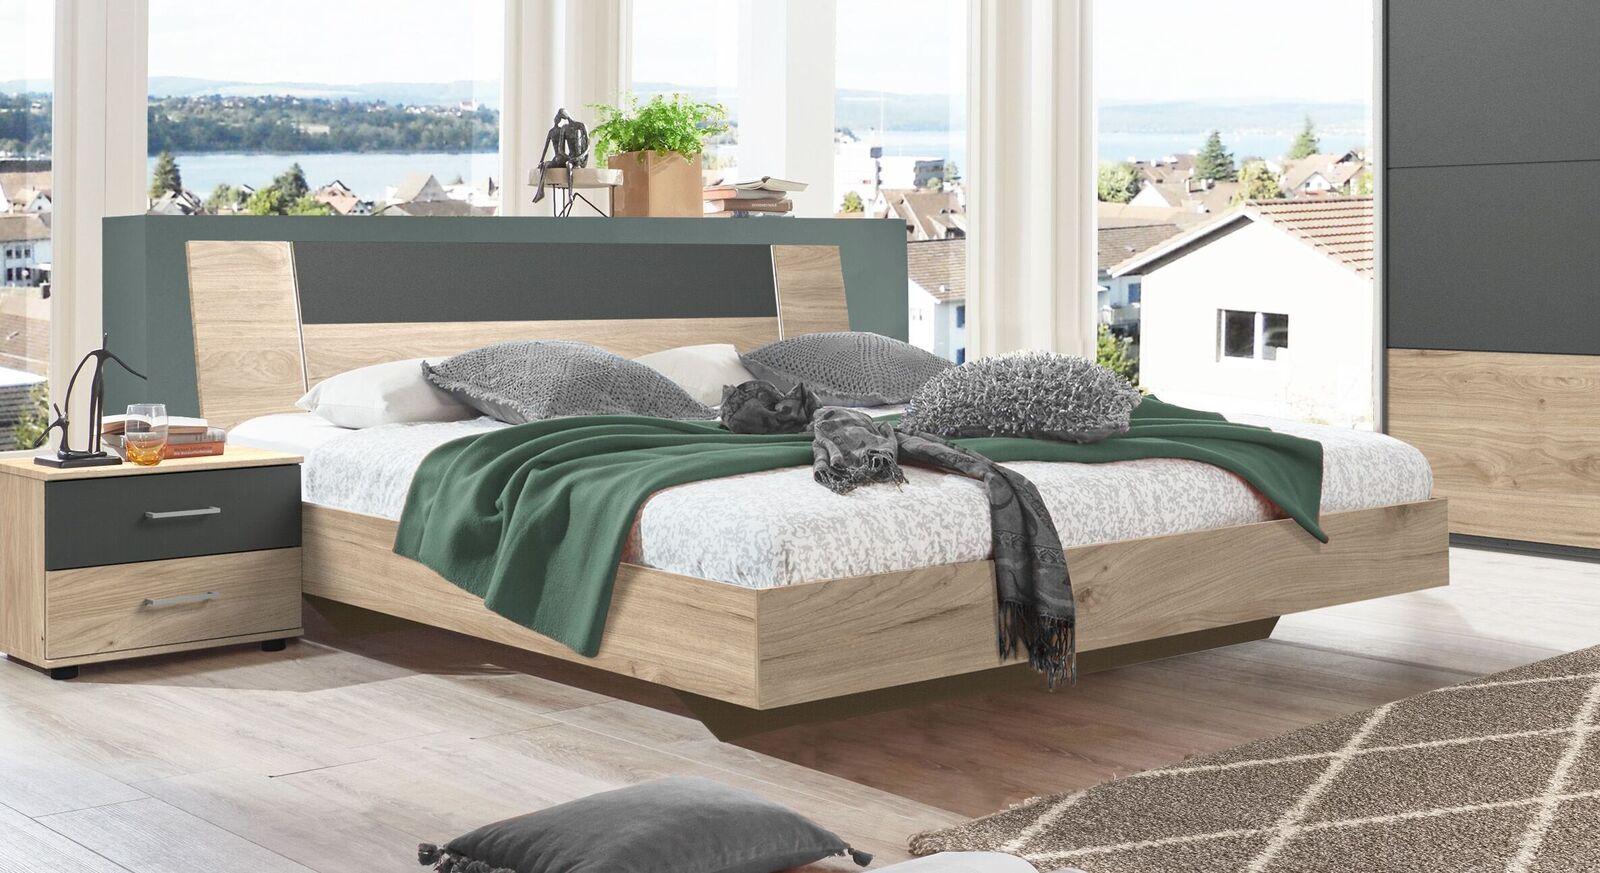 Bett Prenor bis zu 100 kg belastbar